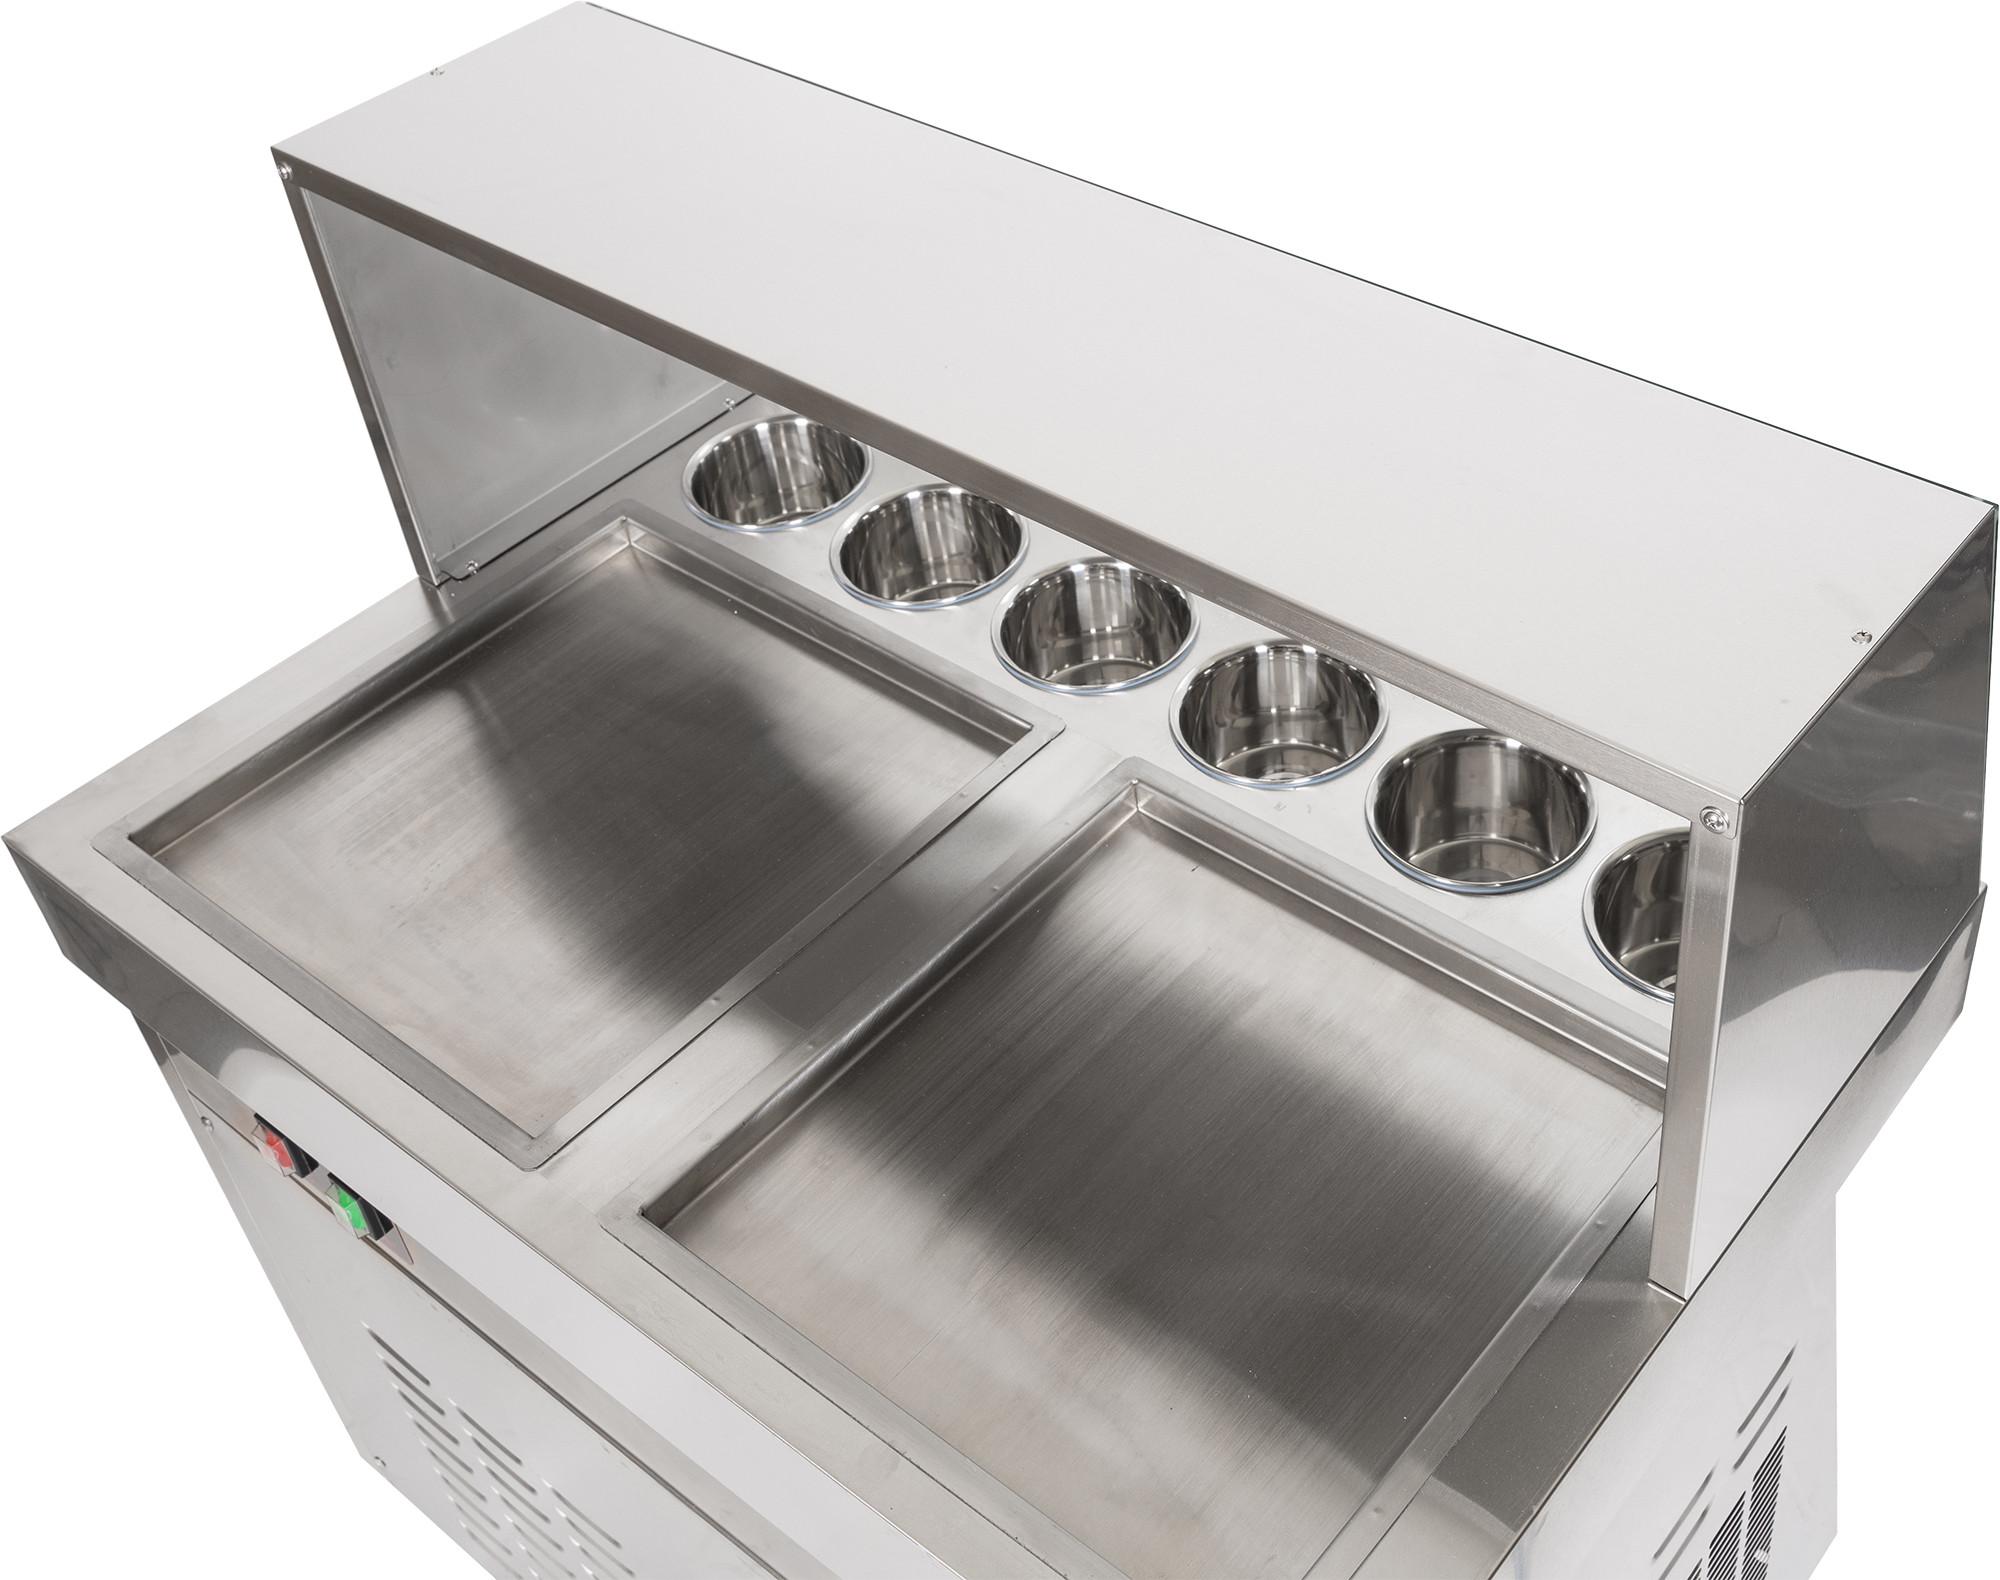 Maszyna do lodów tajskich Sonoro od góry